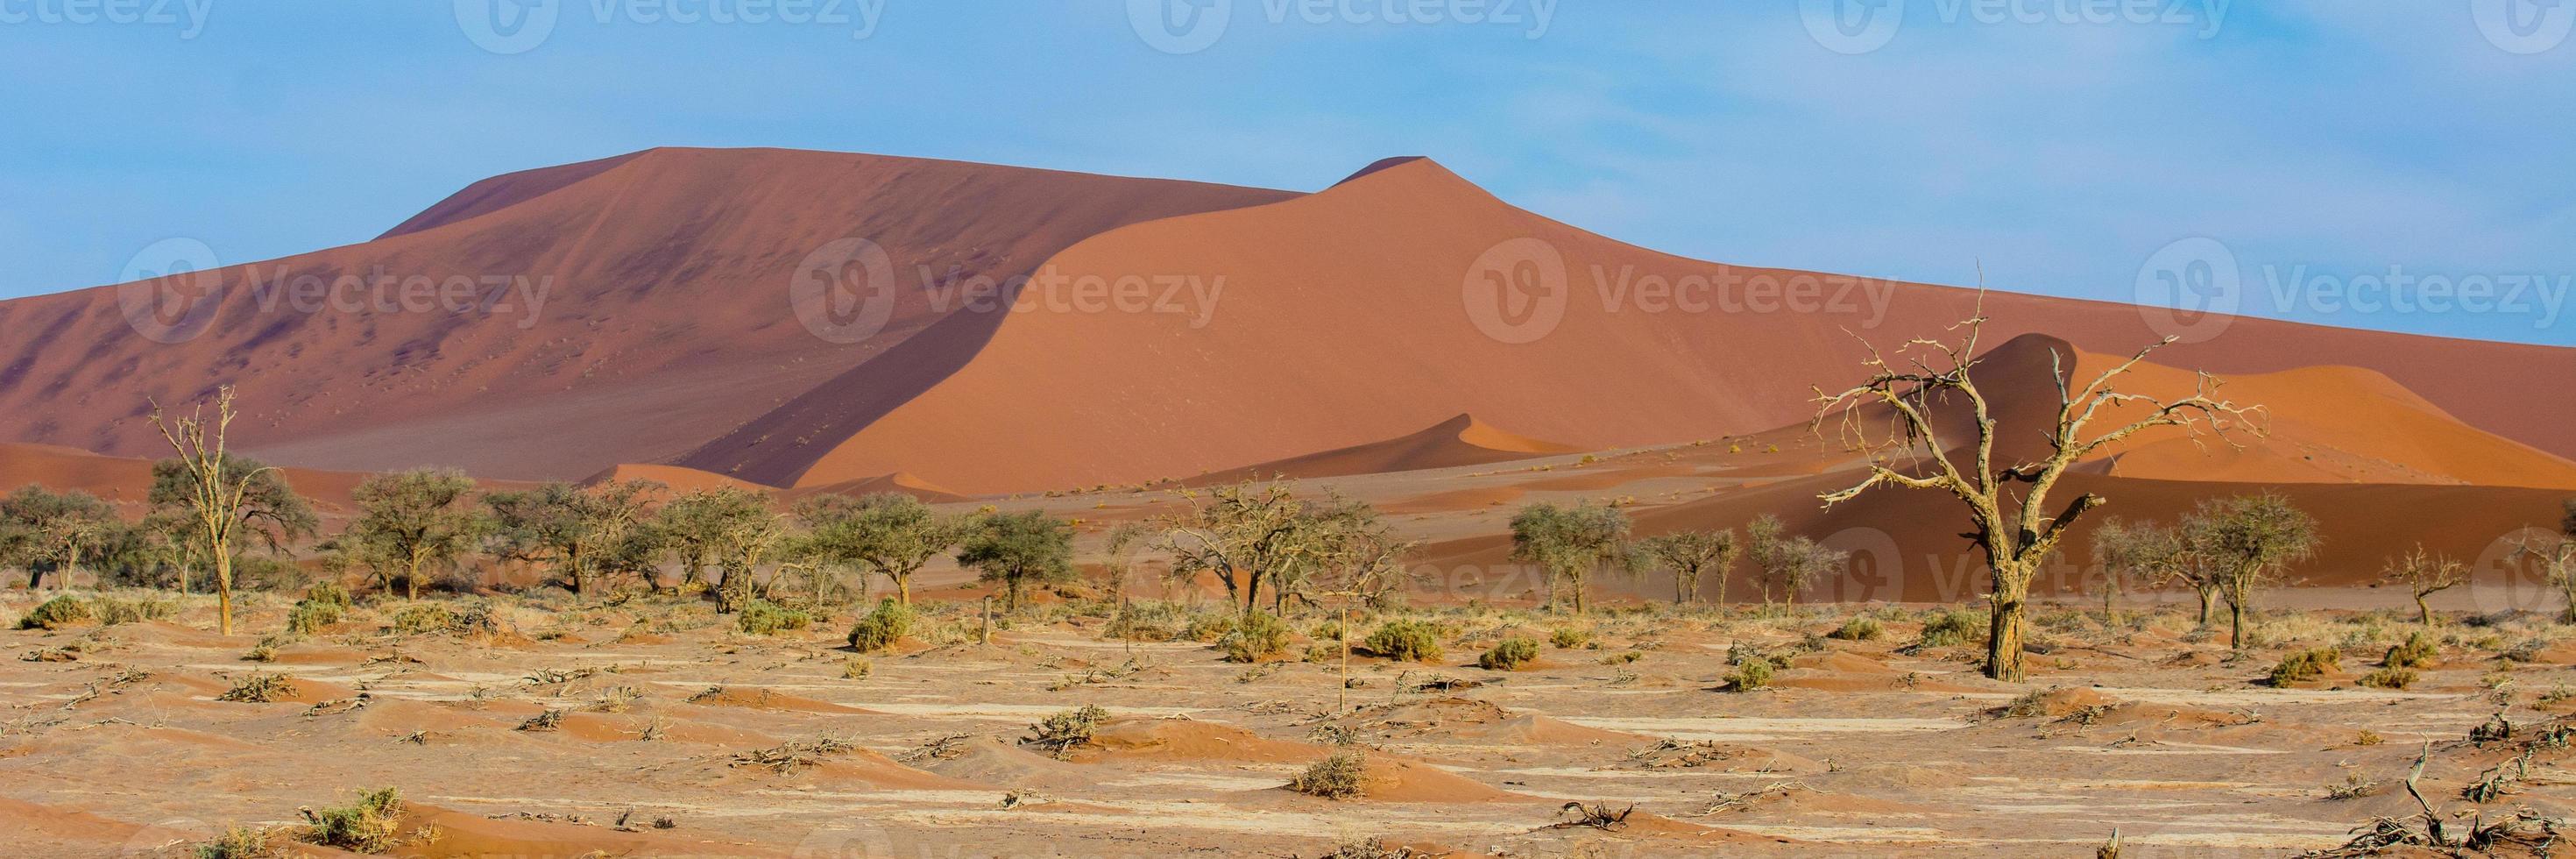 rote Wüstendünen foto